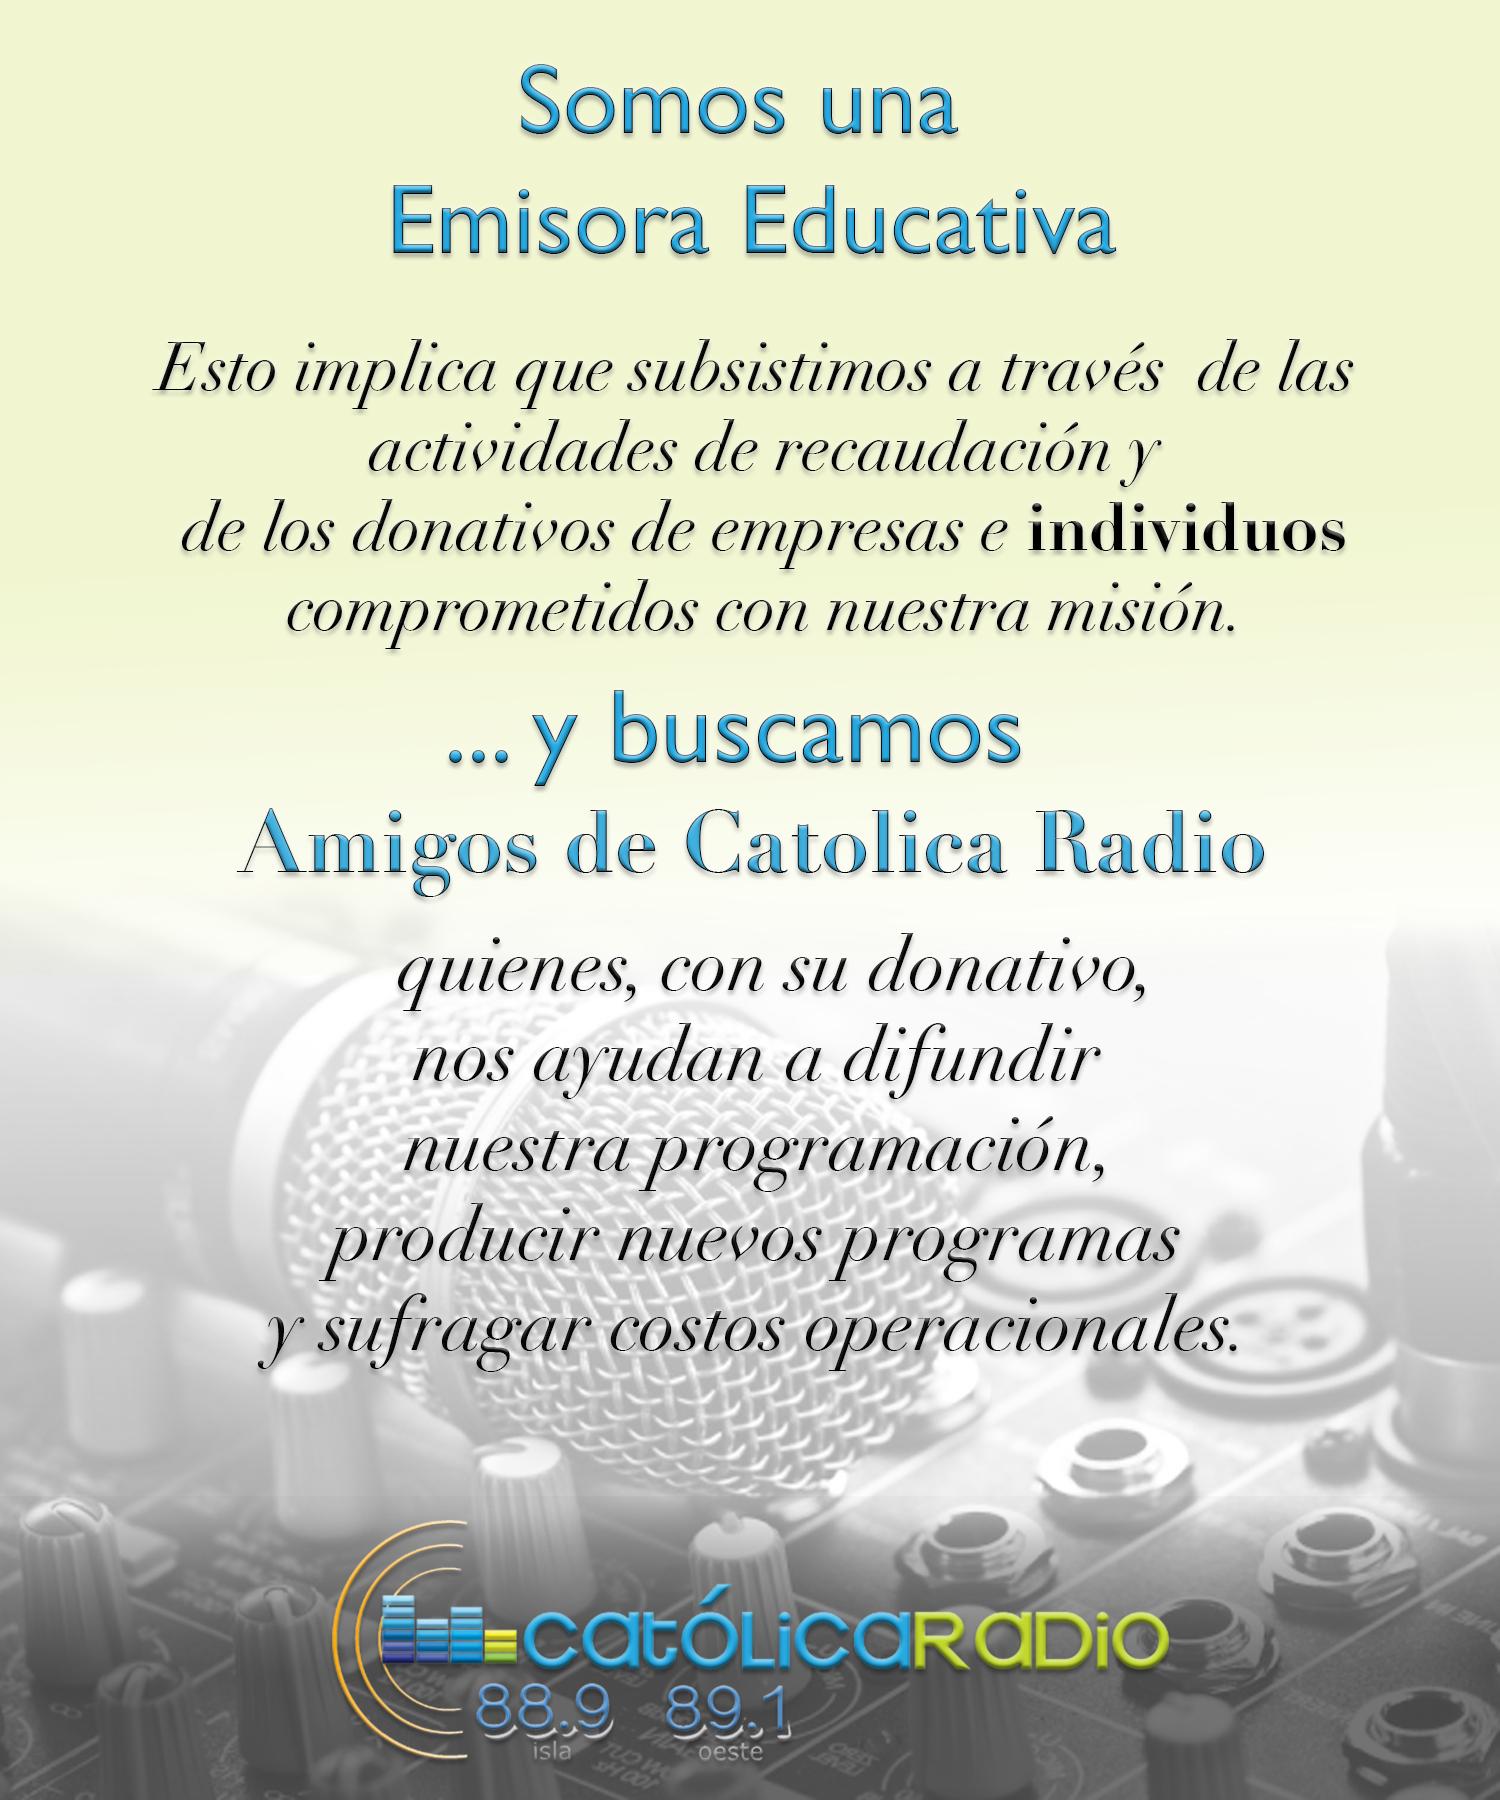 http://www.catolicaradiopr.com/amigos-de-catolica-radio